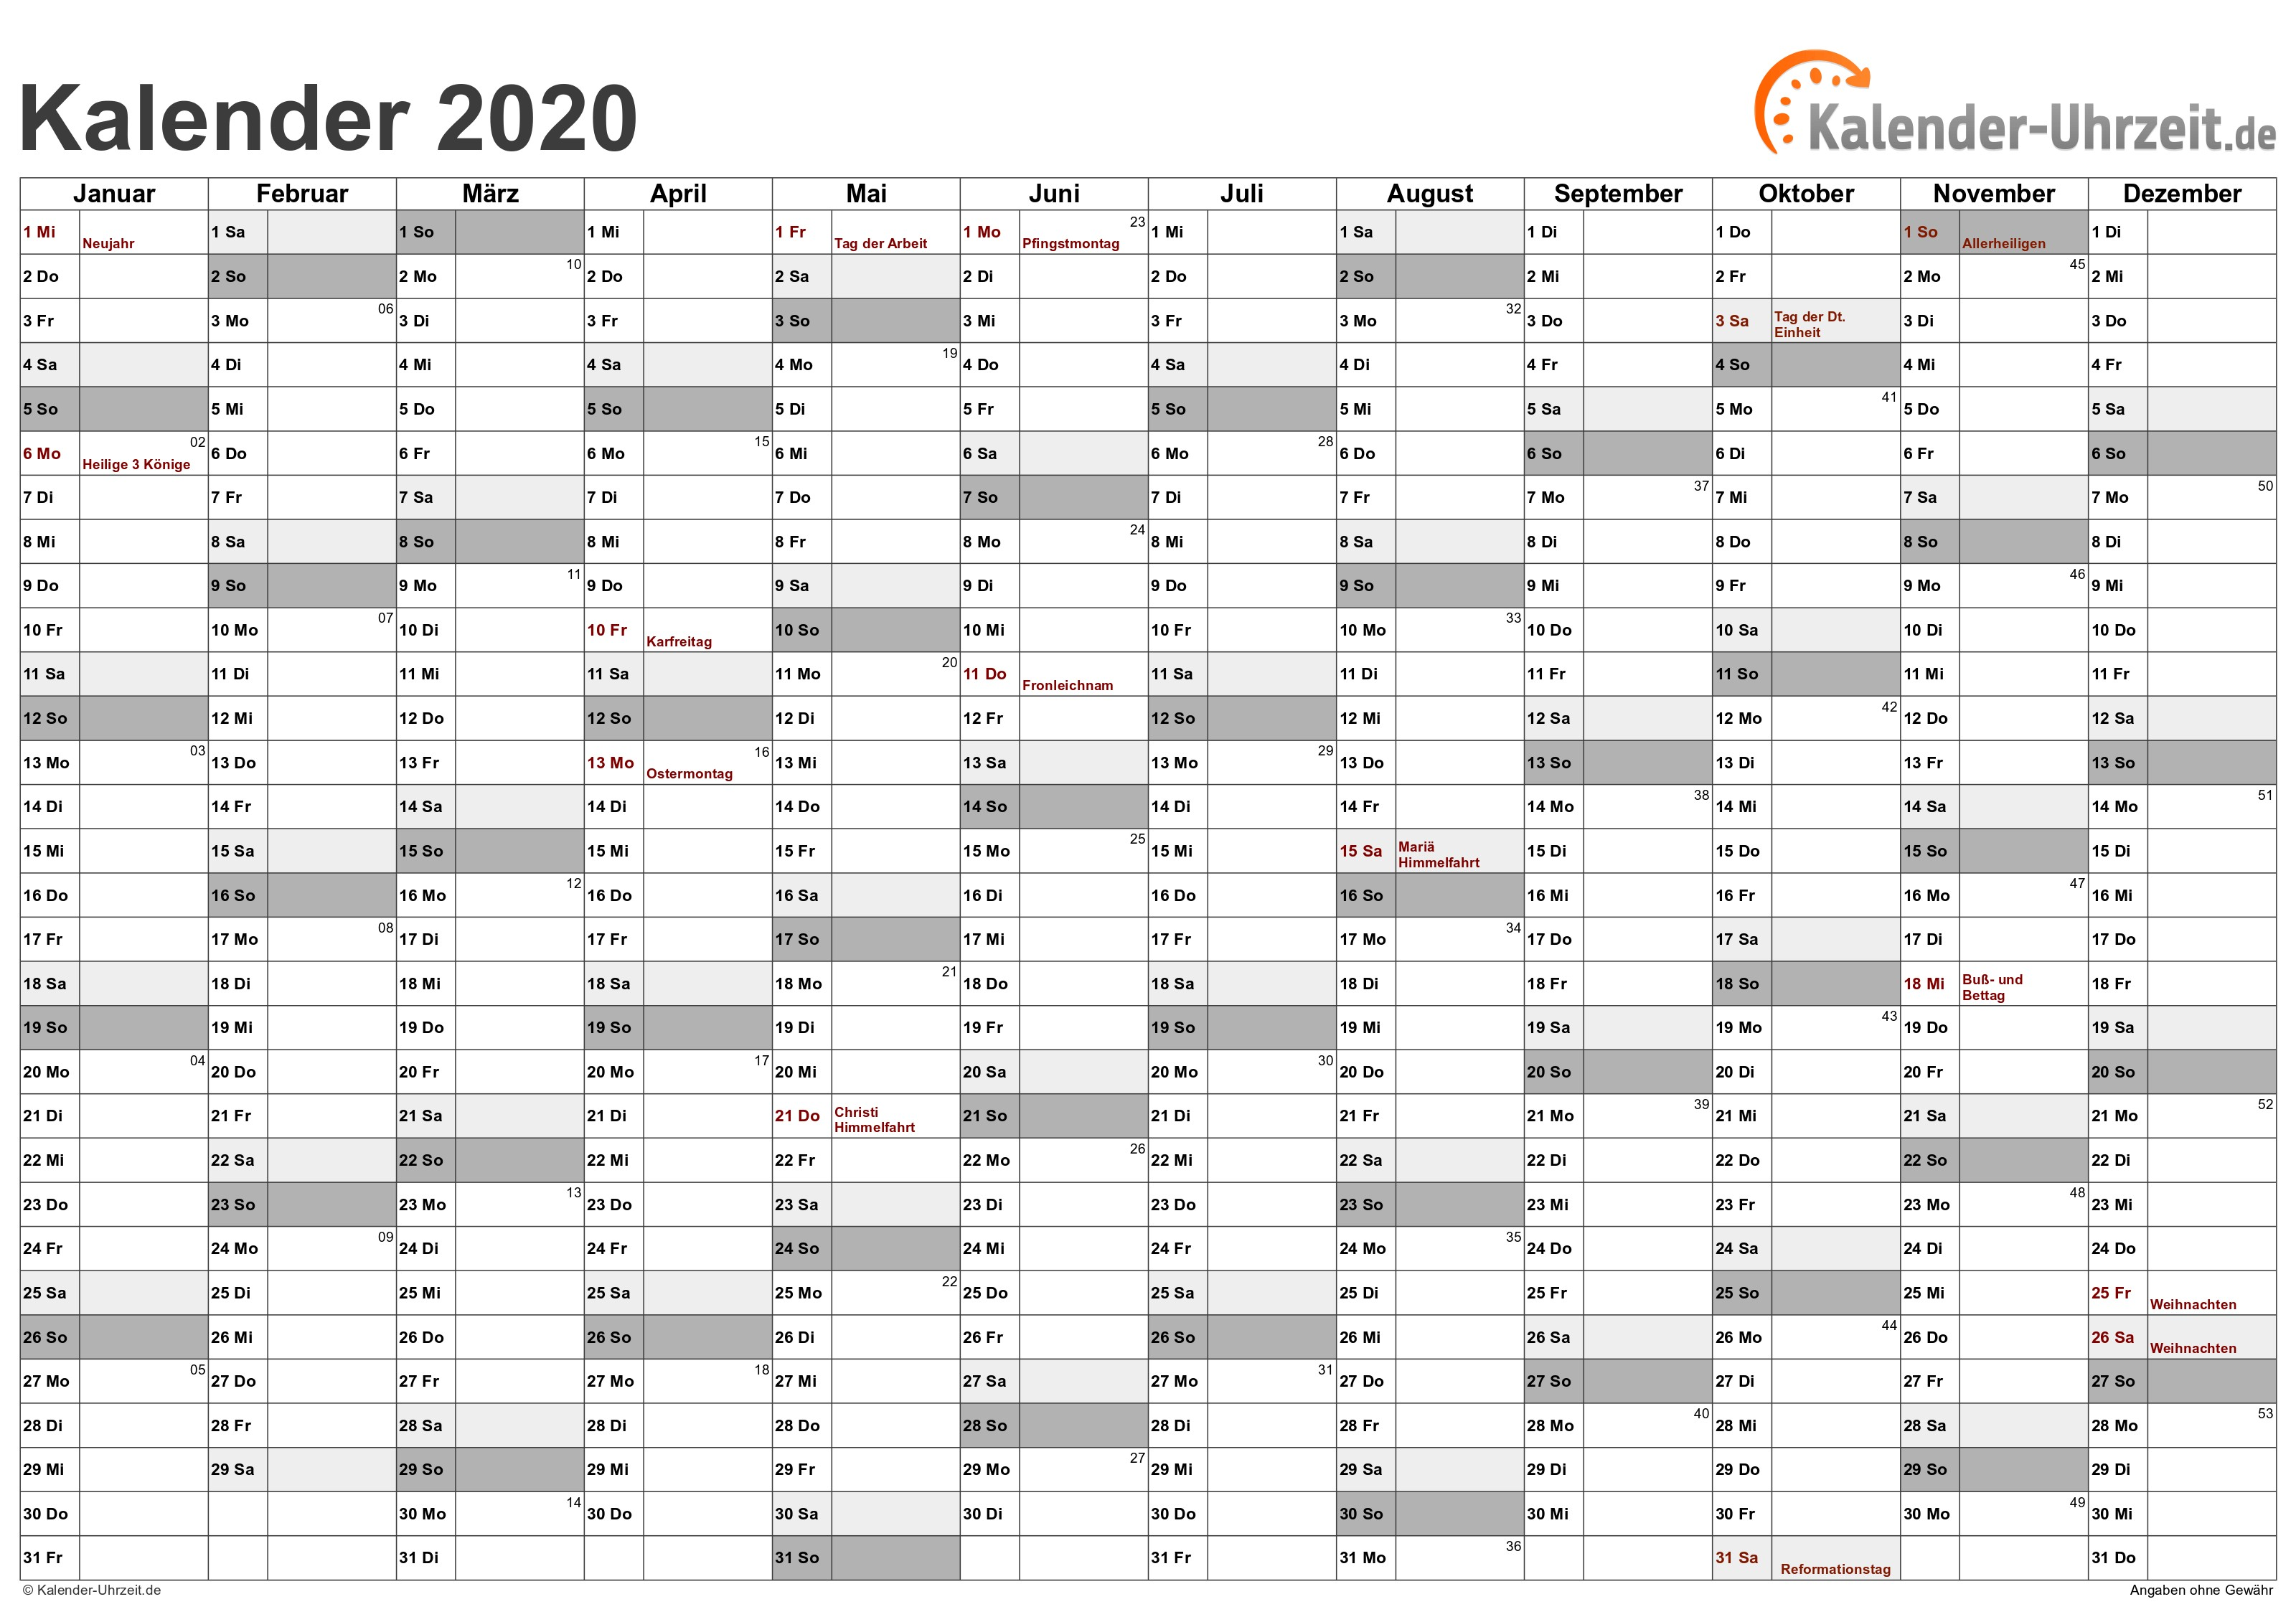 Kalender 2019 Excel Per Maand Mejores Y Más Novedosos Kalender Kalender with Kalender Tutorial Excel Kalender with Of Kalender 2019 Excel Per Maand Mejores Y Más Novedosos Bester Line Kalender Kalender Line Drucken 34 Schön Auflistung Von